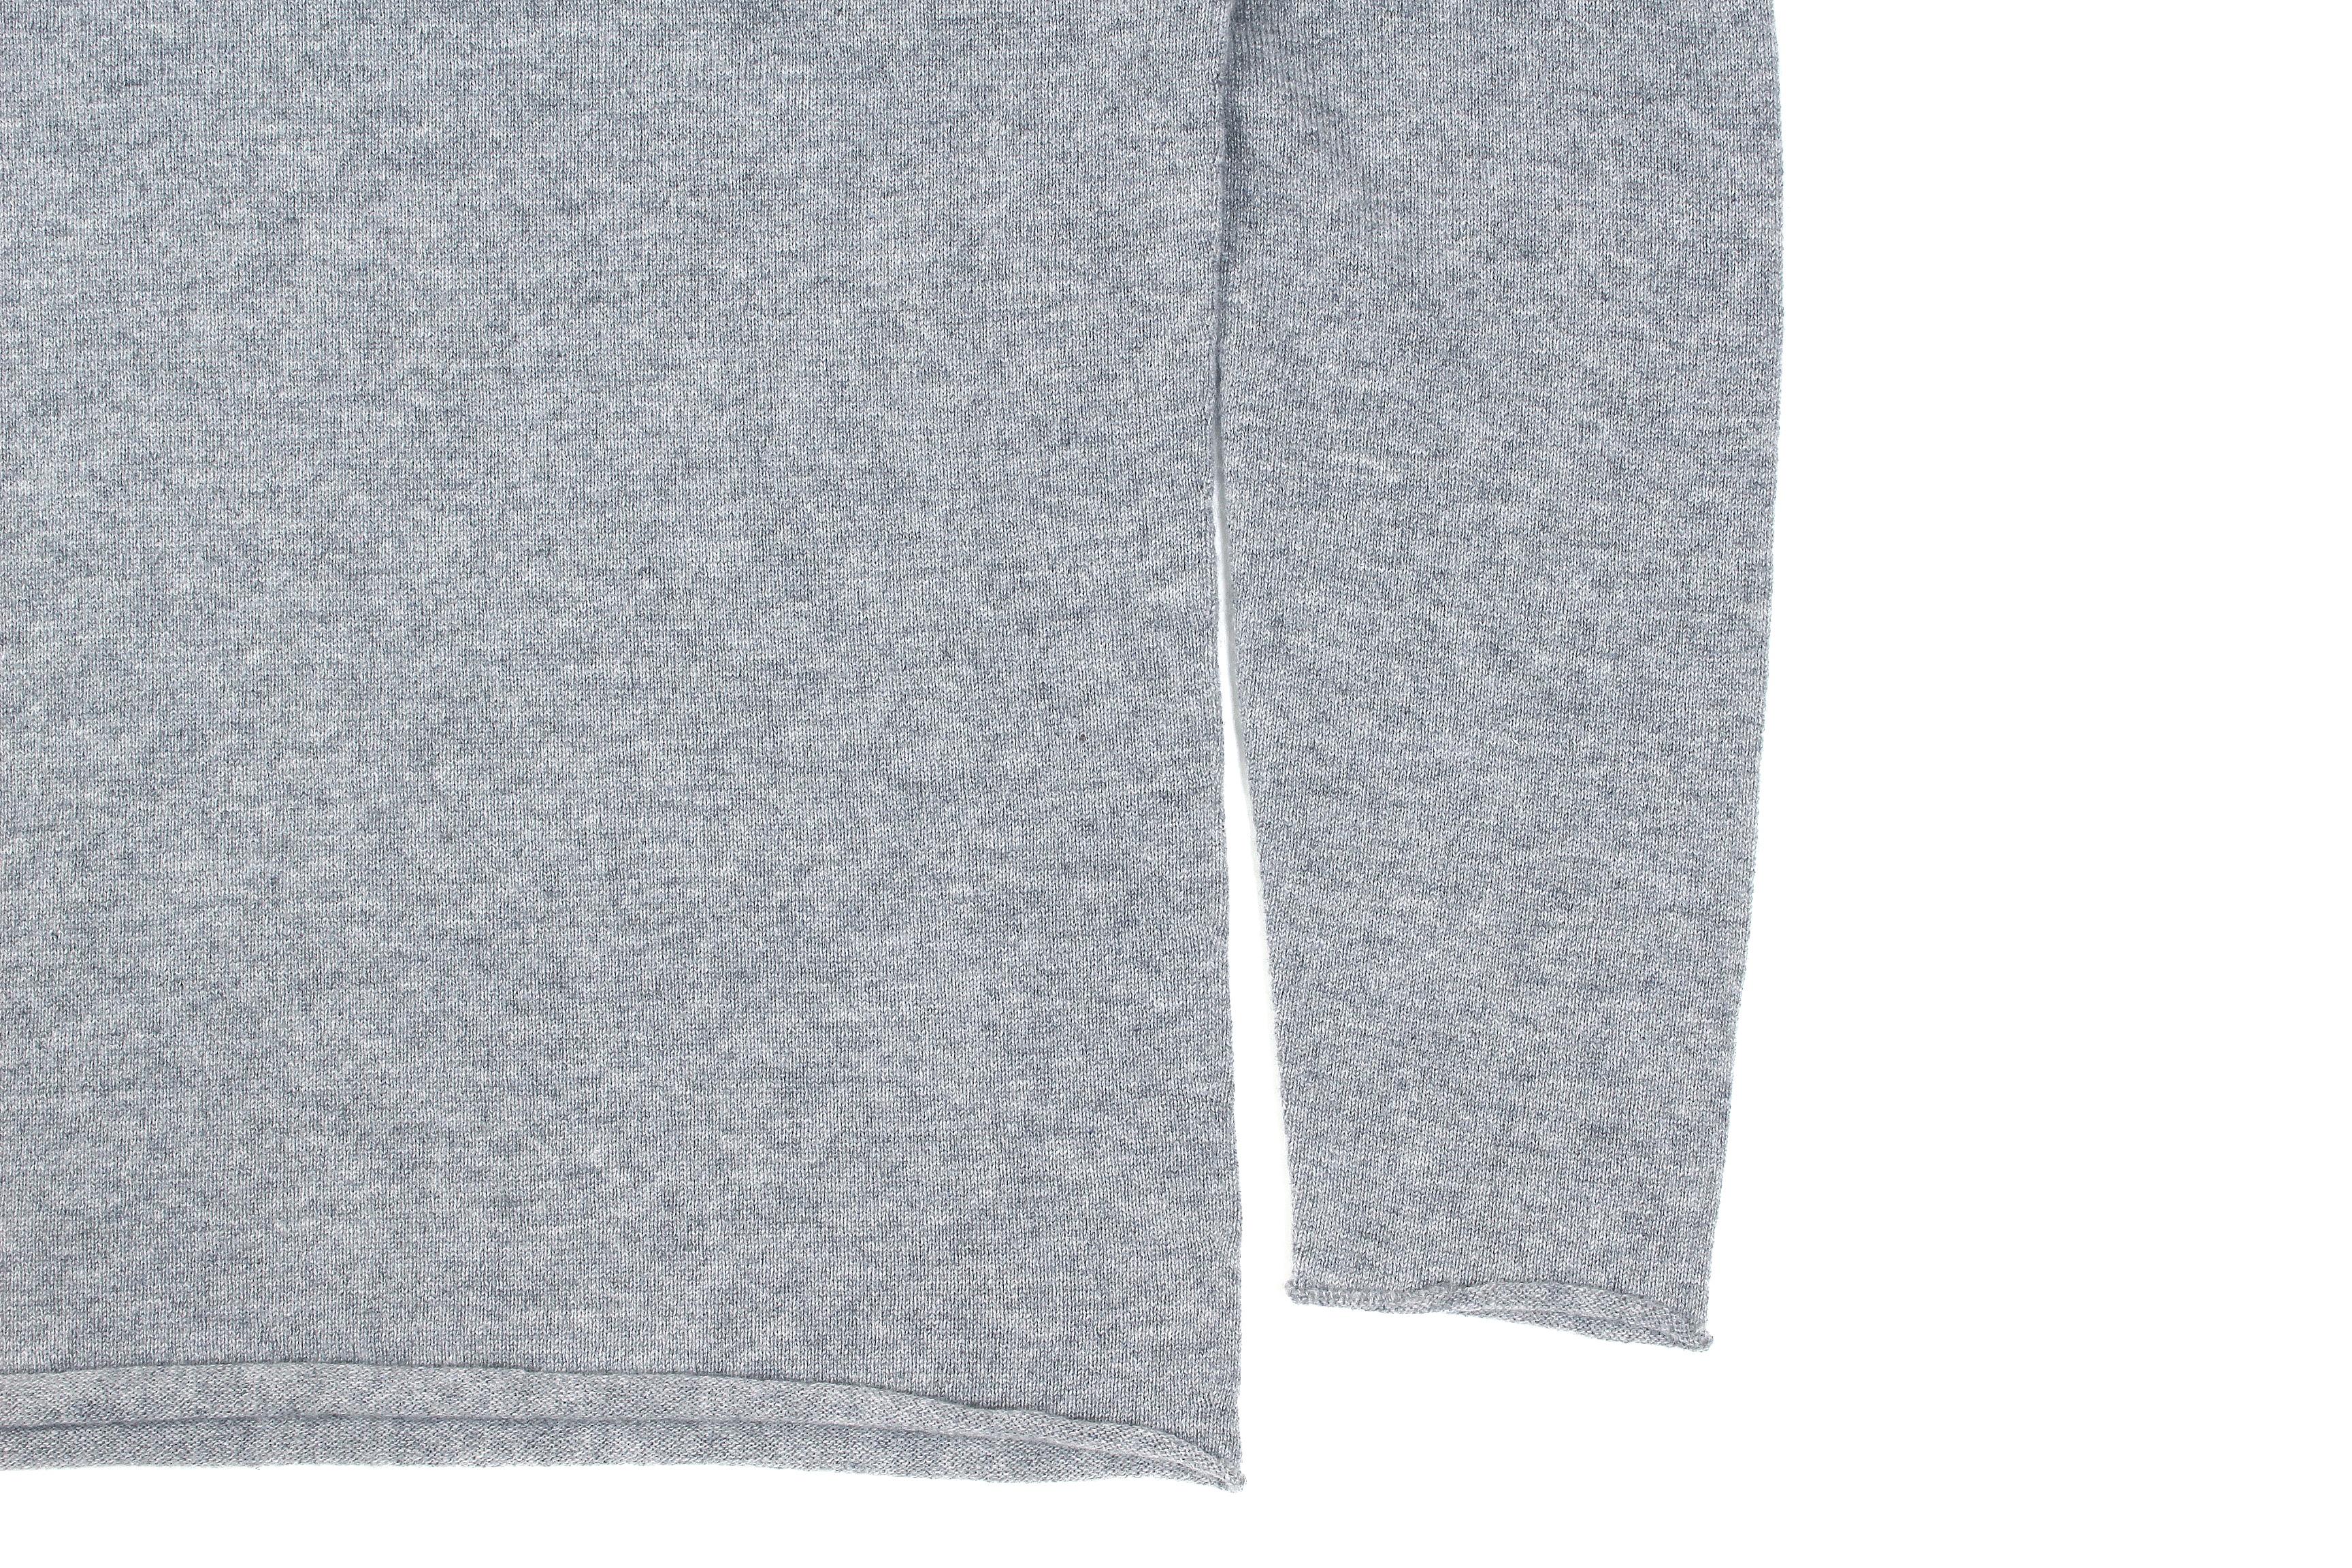 lucien pellat-finet(ルシアン ペラフィネ) Cashmere Crew Neck Sweater カシミア クルーネック セーター FELT GREY (グレー) made in scotland (スコットランド製) 2020 春夏新作 愛知 名古屋 altoediritto アルトエデリット lucienpellatfinet インターシャ 無地